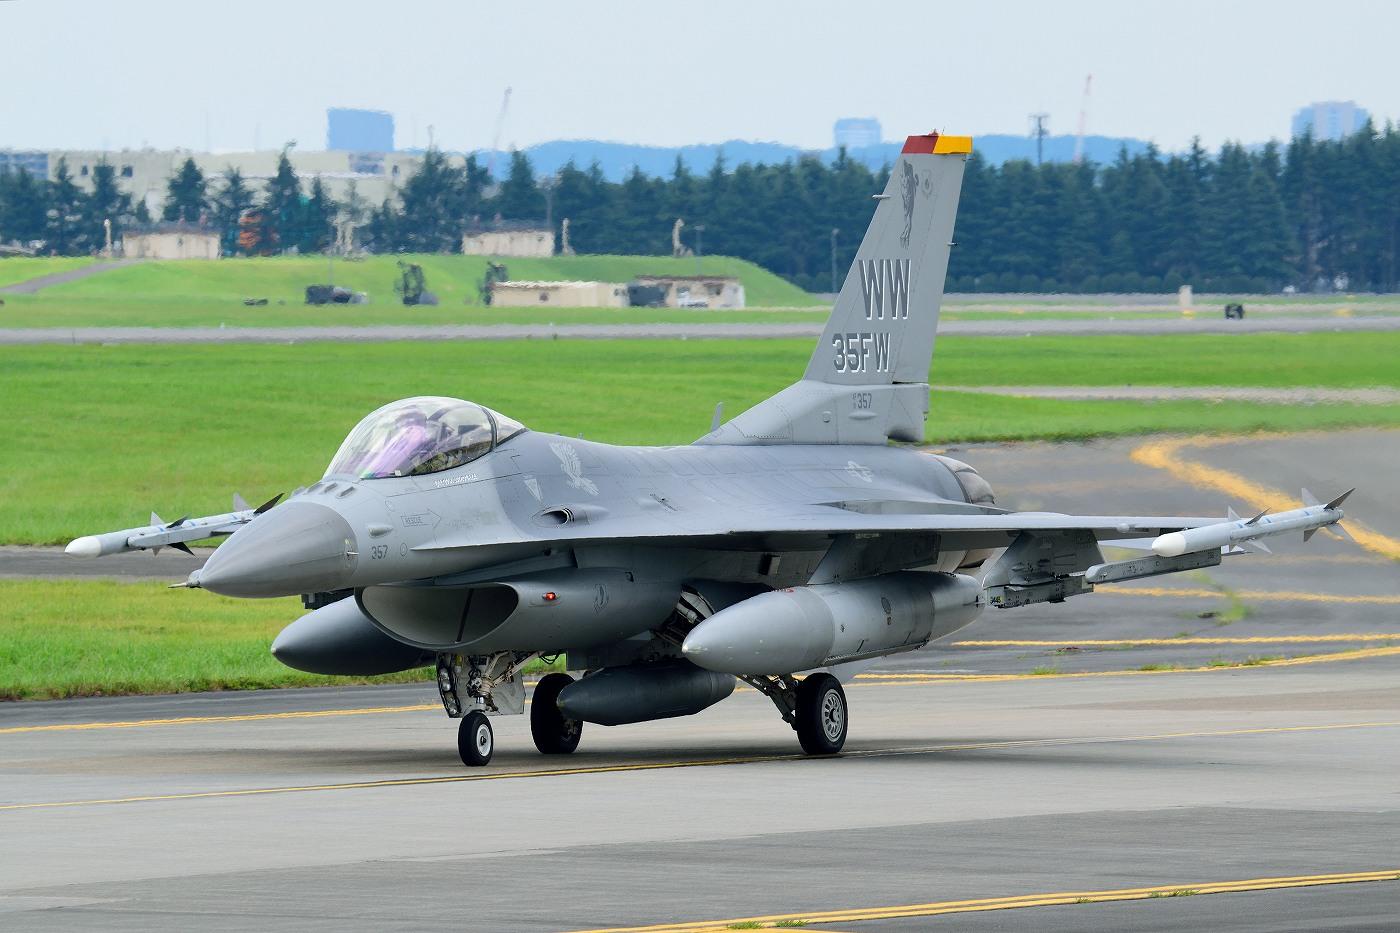 F16cm150724g987